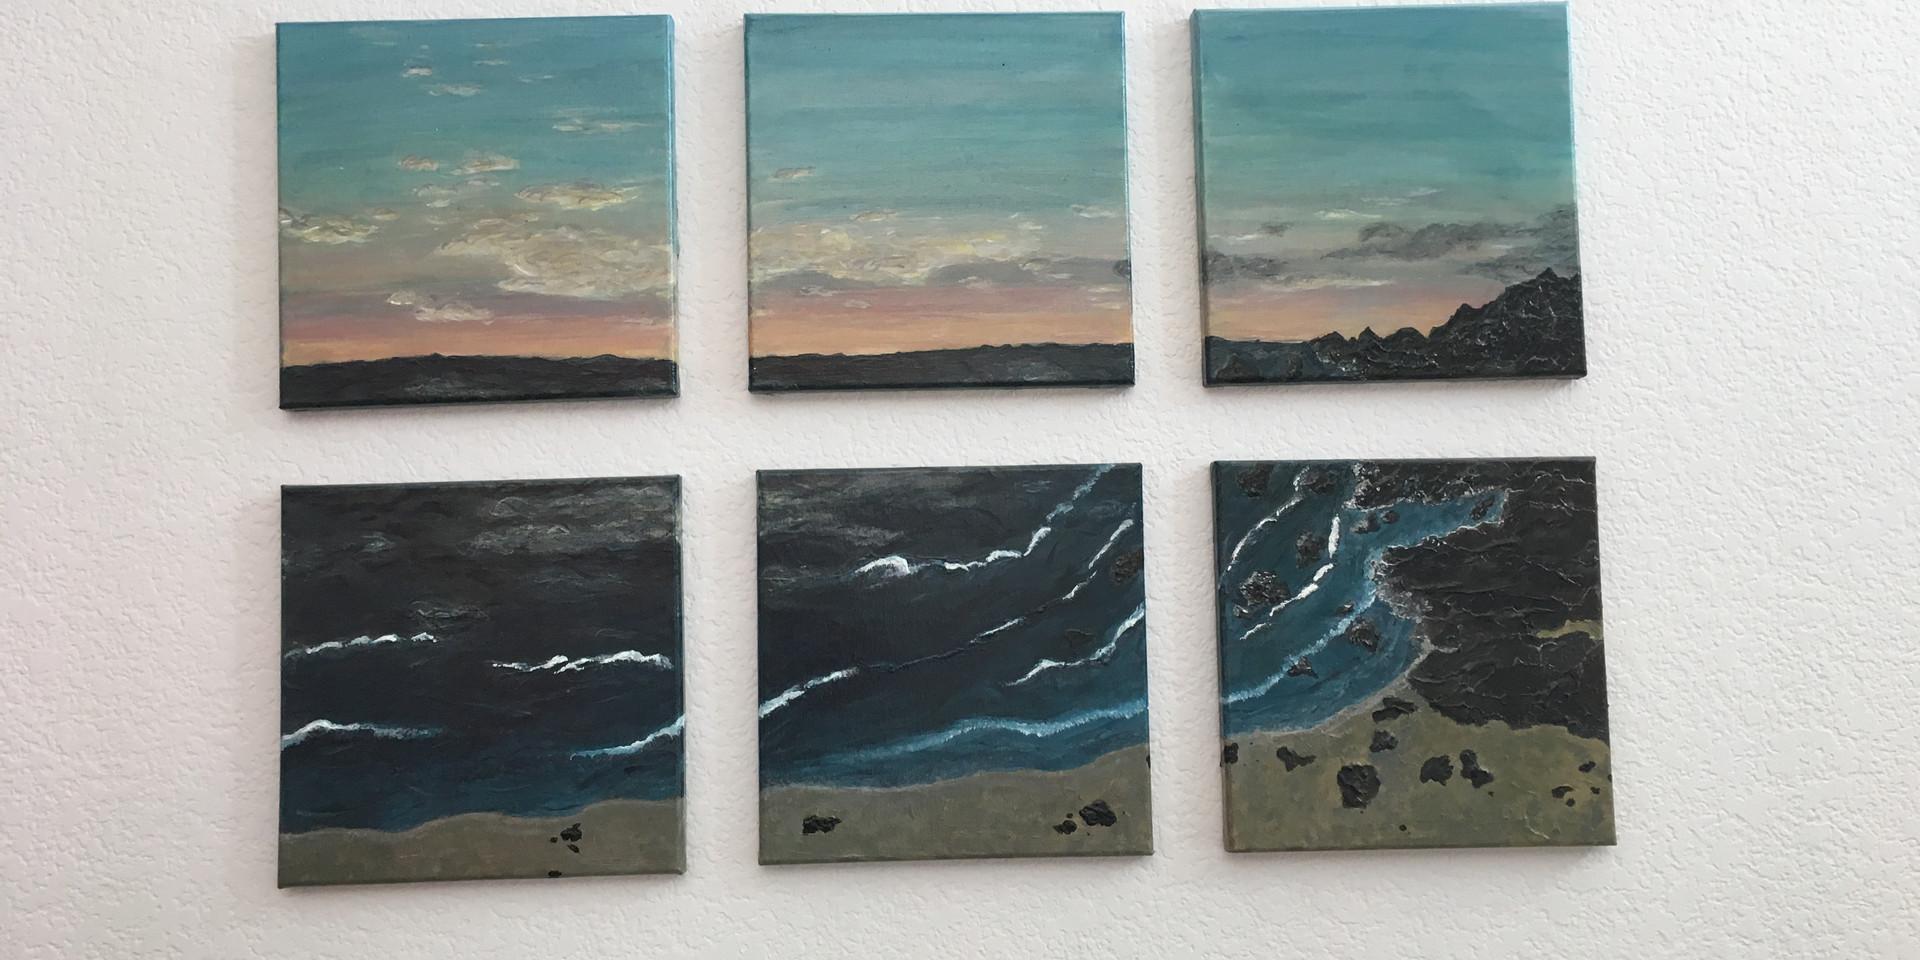 paintingocean side